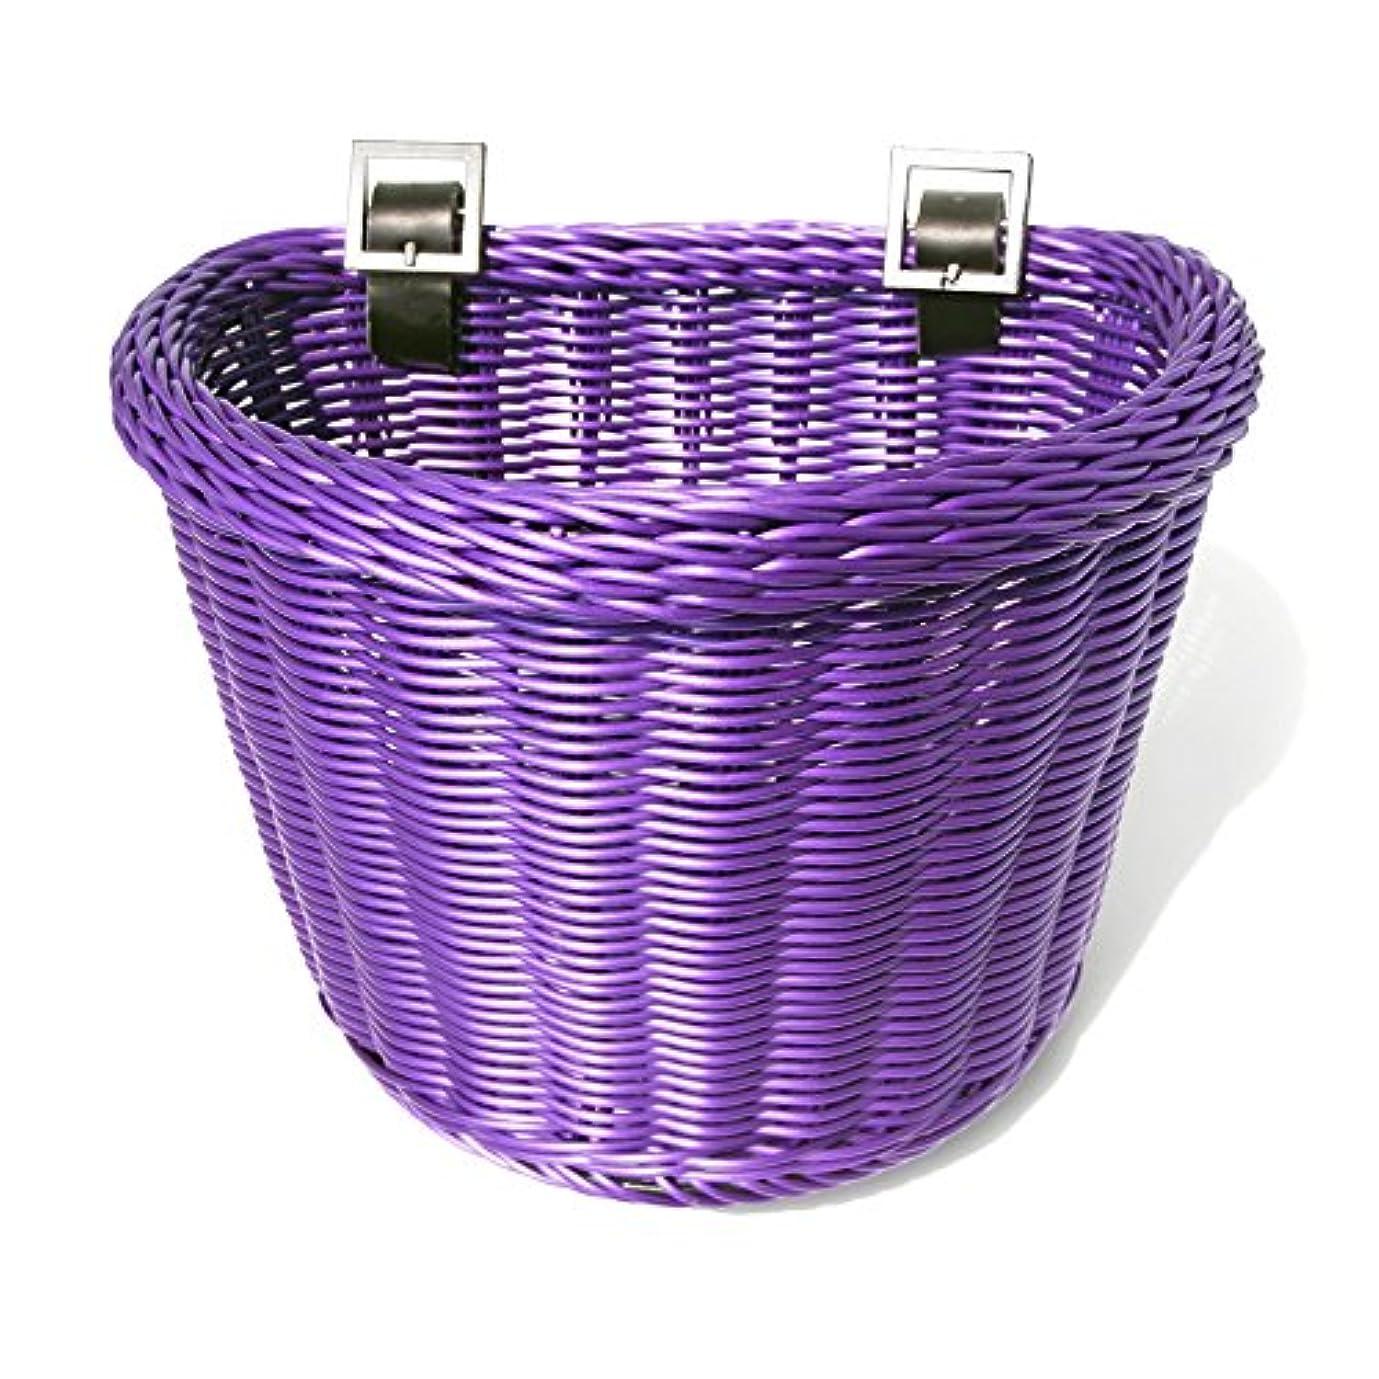 保護腐敗した単なるColorbasket 02195 Junior Front Handlebar Bike Basket, Purple by Colorbasket